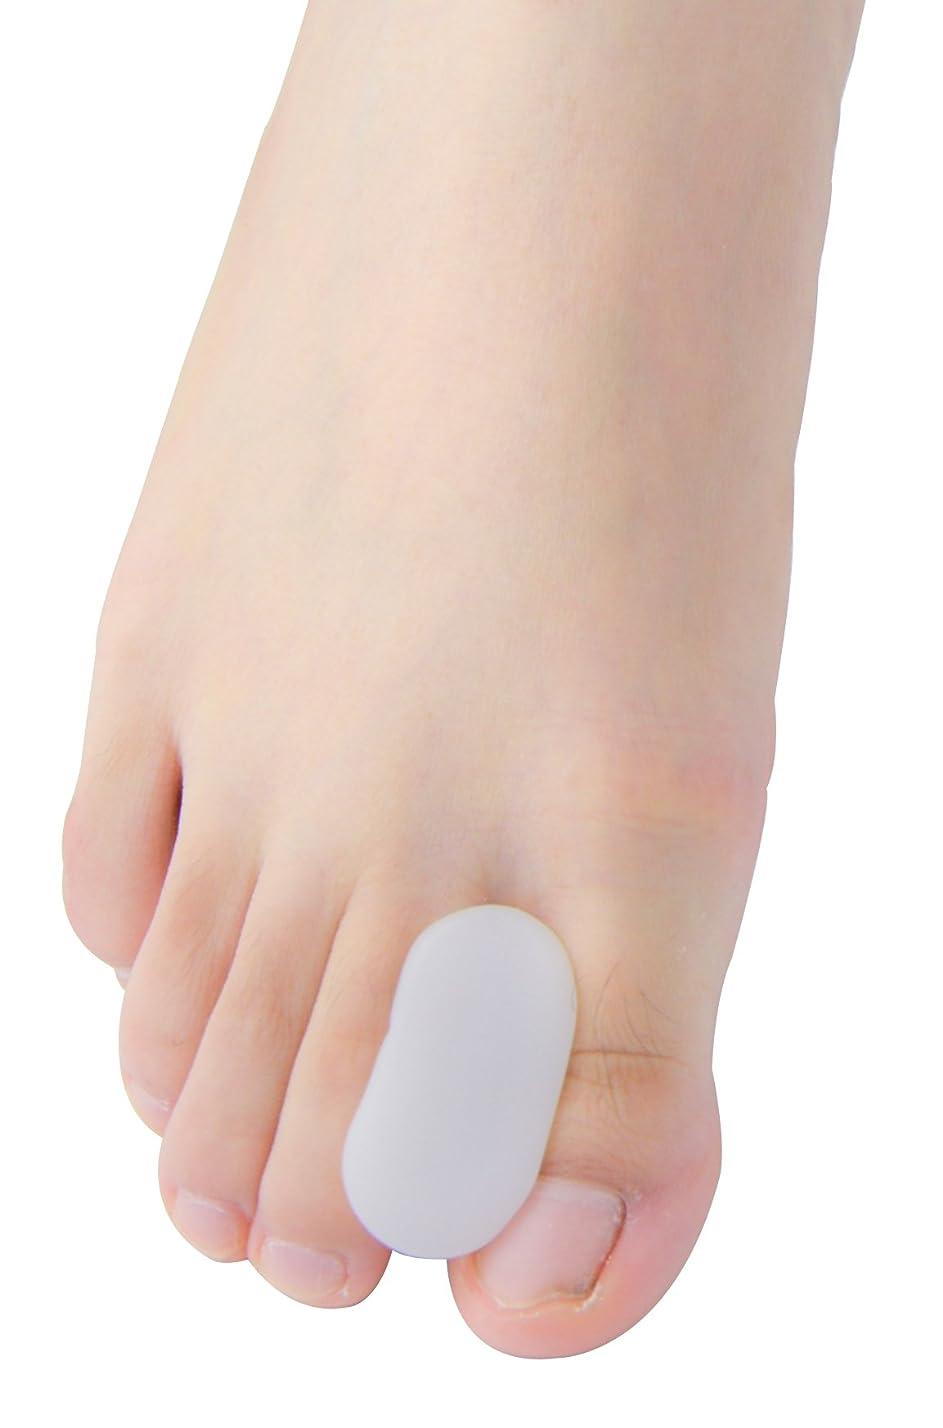 確実助手詳細にPovihome 足指衝撃ストッパー, 足指セパレーター,外反母趾 サポーター 矯正 バニオン 5ペア,柔らかゲルでやさしくサポート(M)